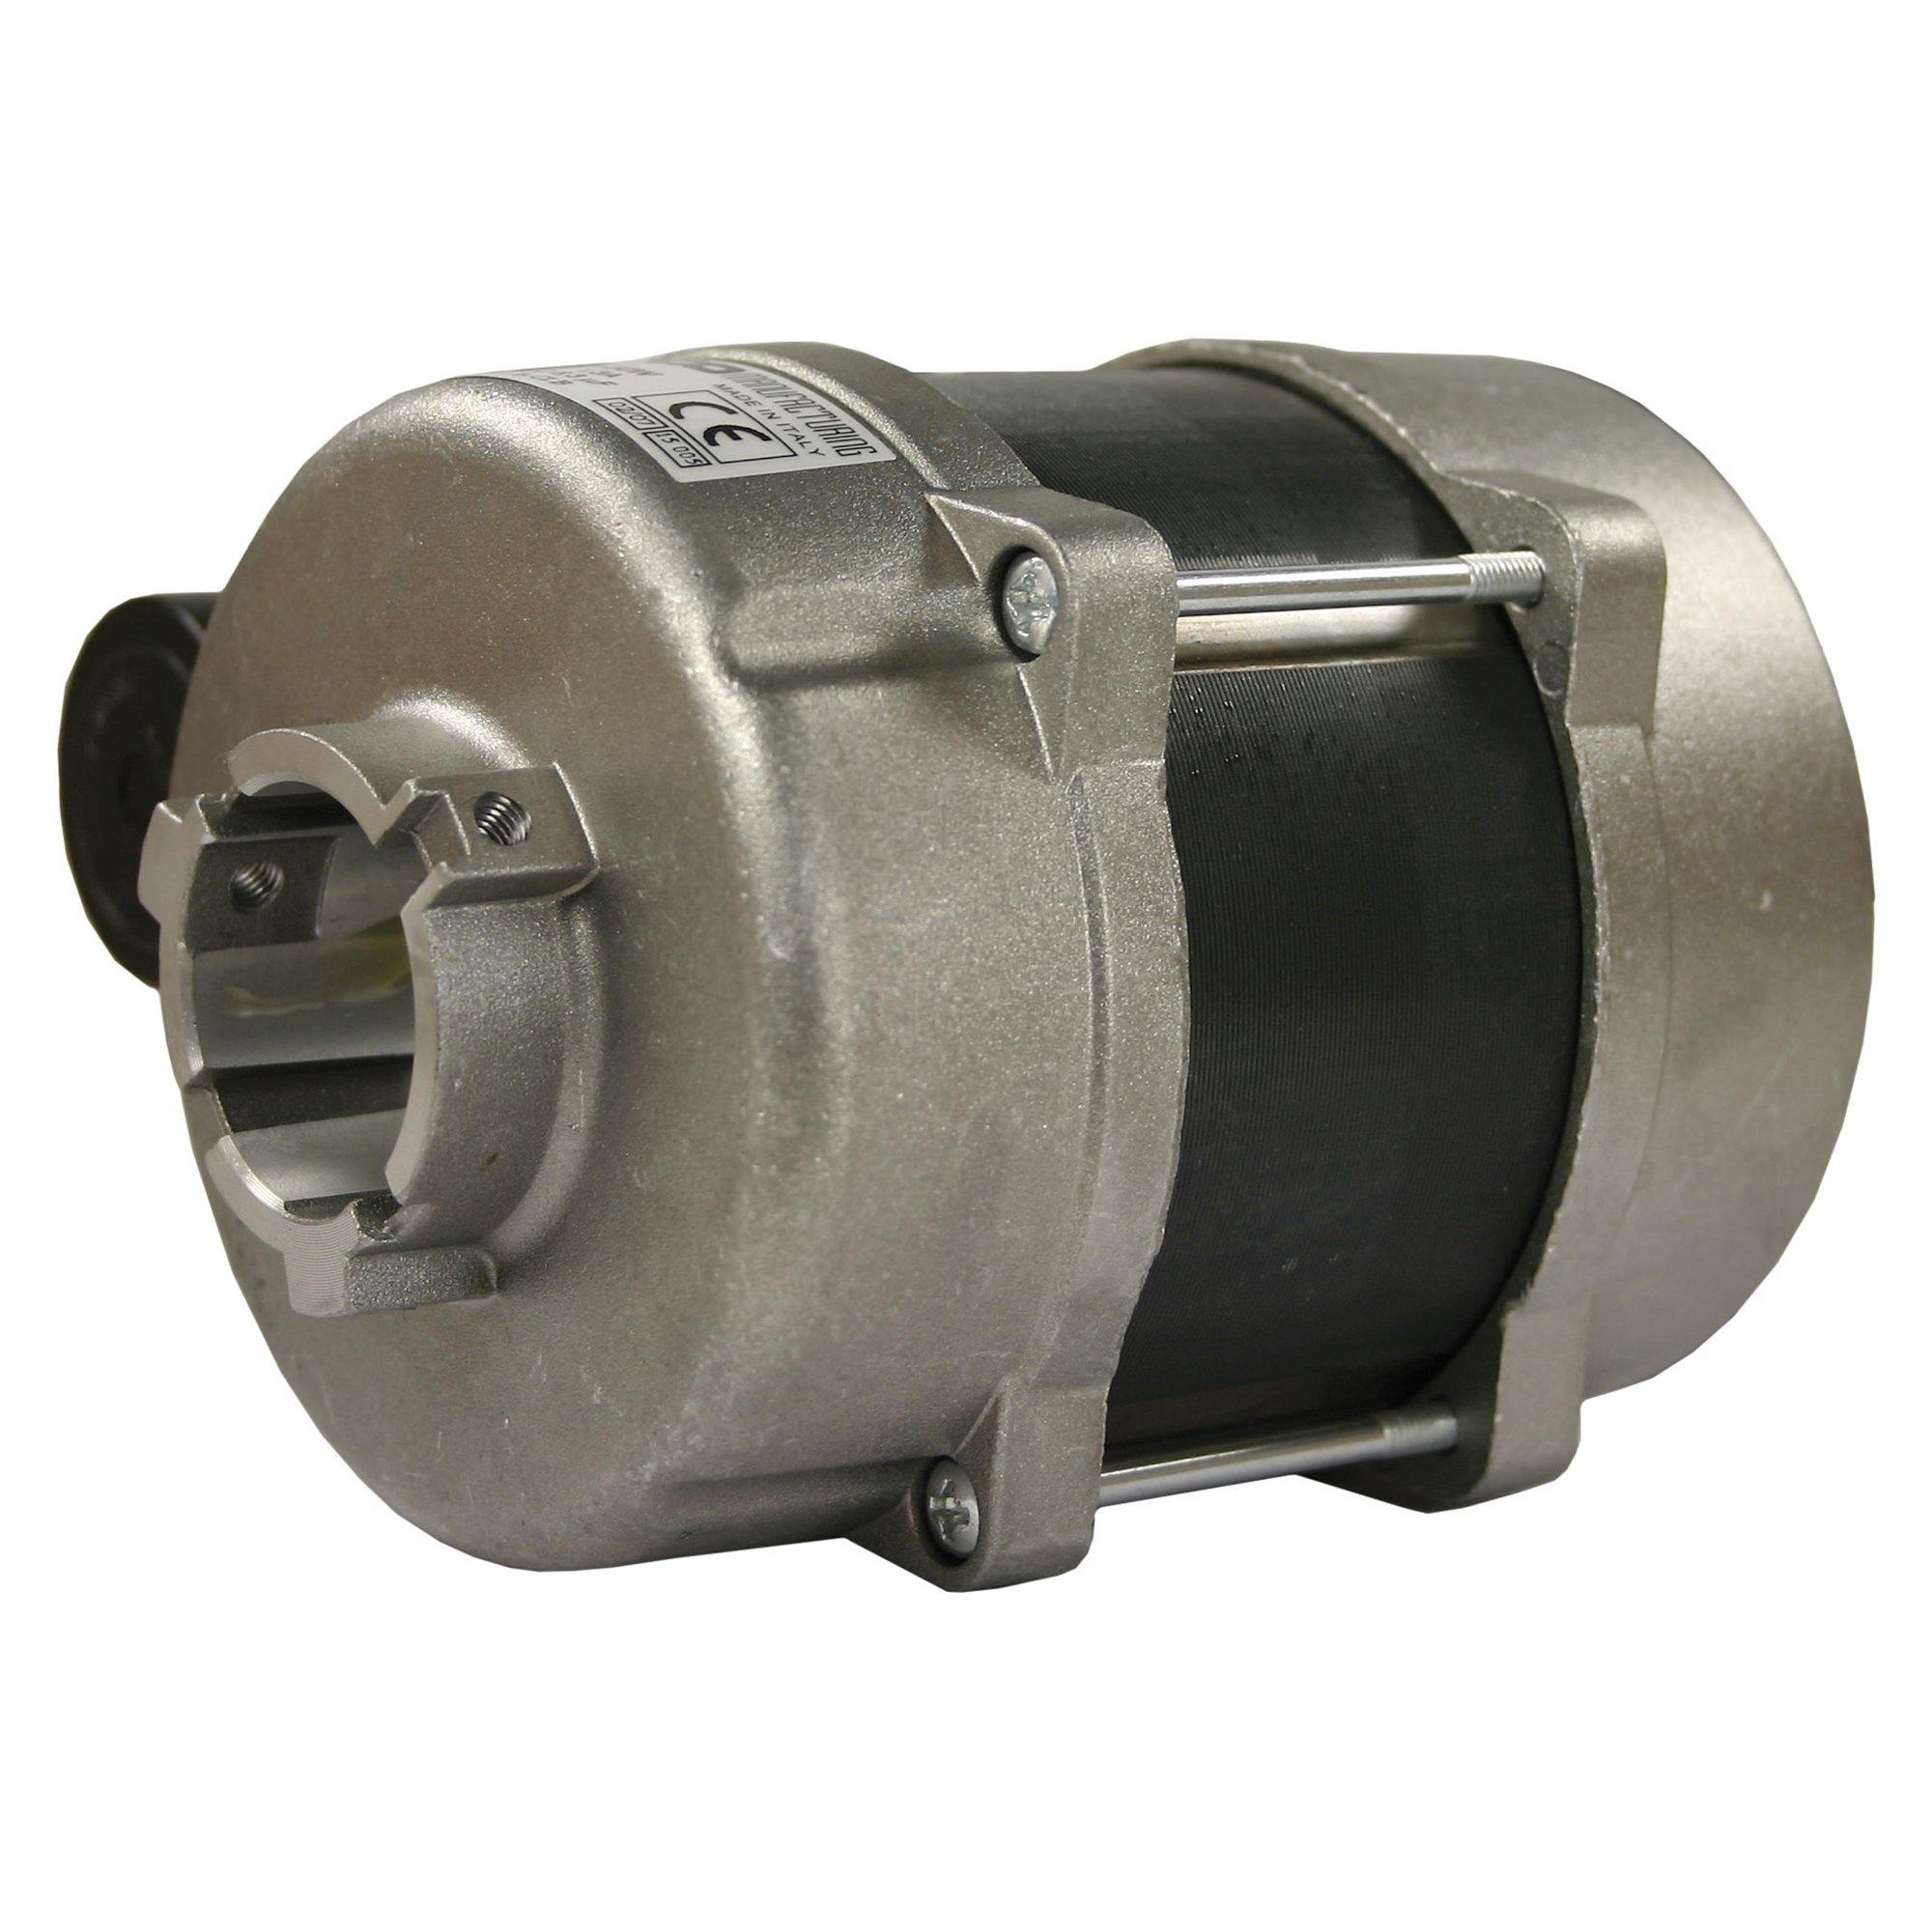 Markenlos Brennermotor mit Pumpenaufn. 32mm; 150W; Drehrichtung R+L; 230V/50Hz Brennermotor 150 W R+L 230V 50Hz